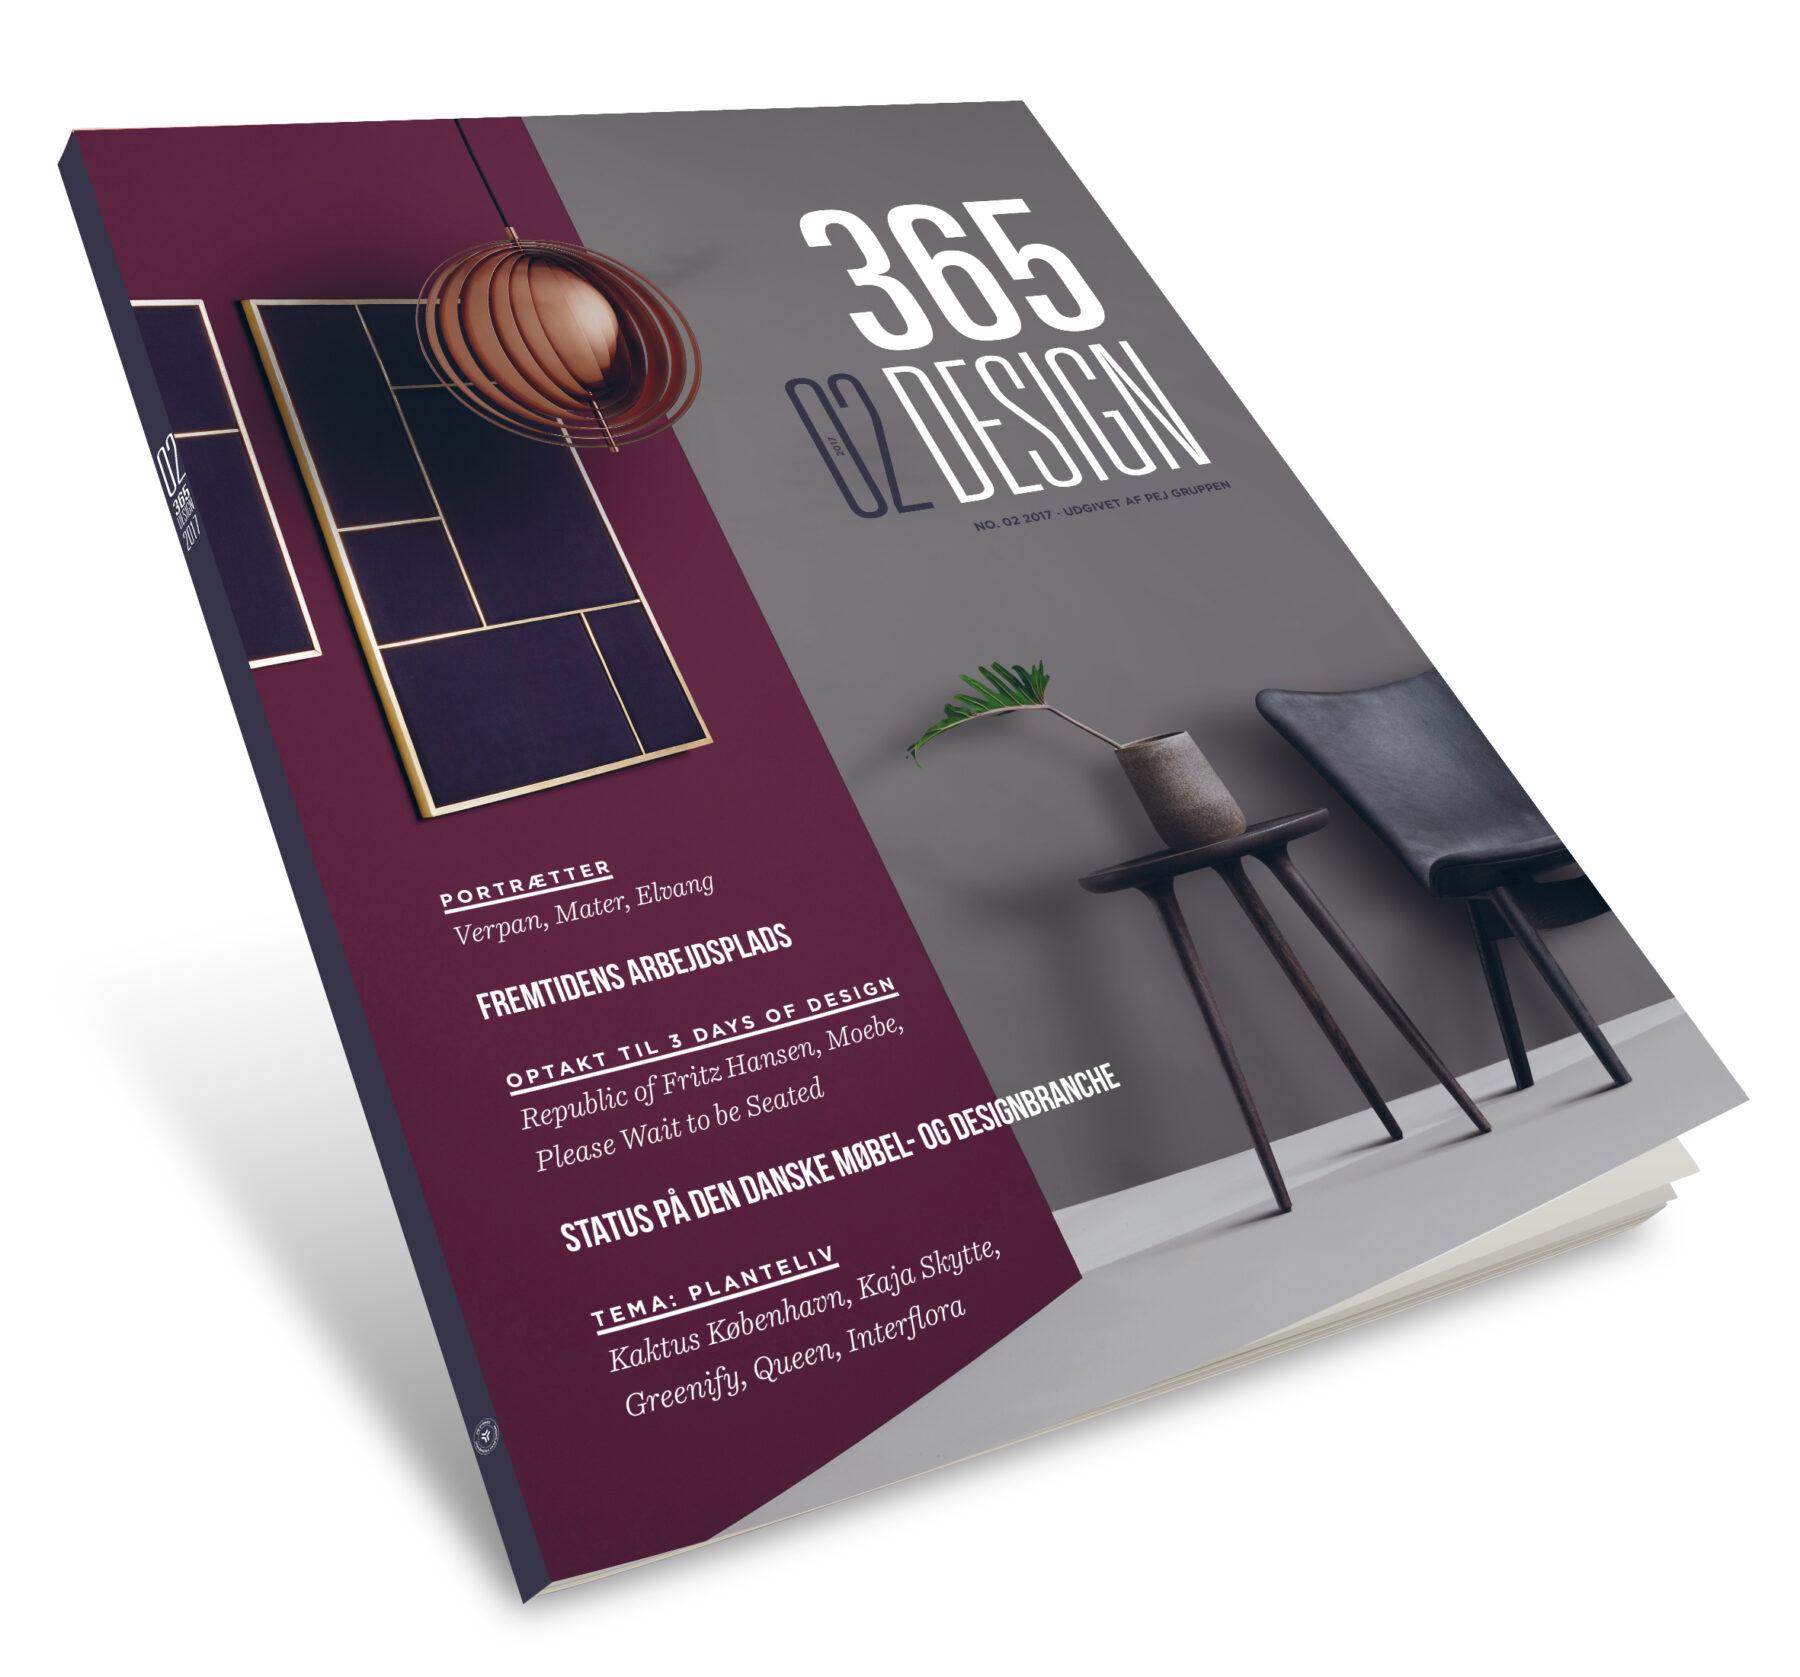 365design no. 2 2017